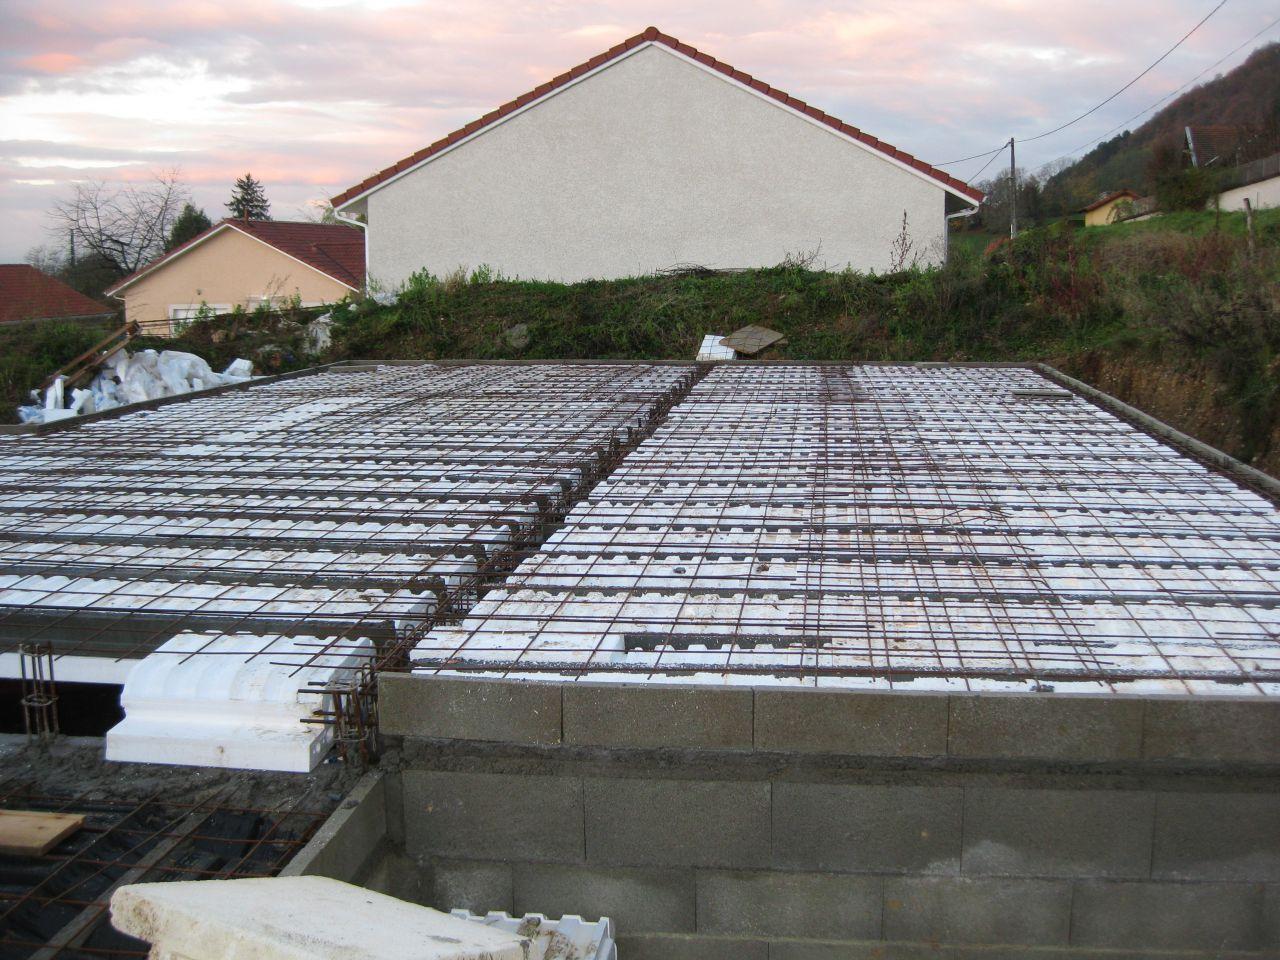 Le plancher est posé, les réservations pour les tuyaux d'évacuation ne sont pas encore réalisées.